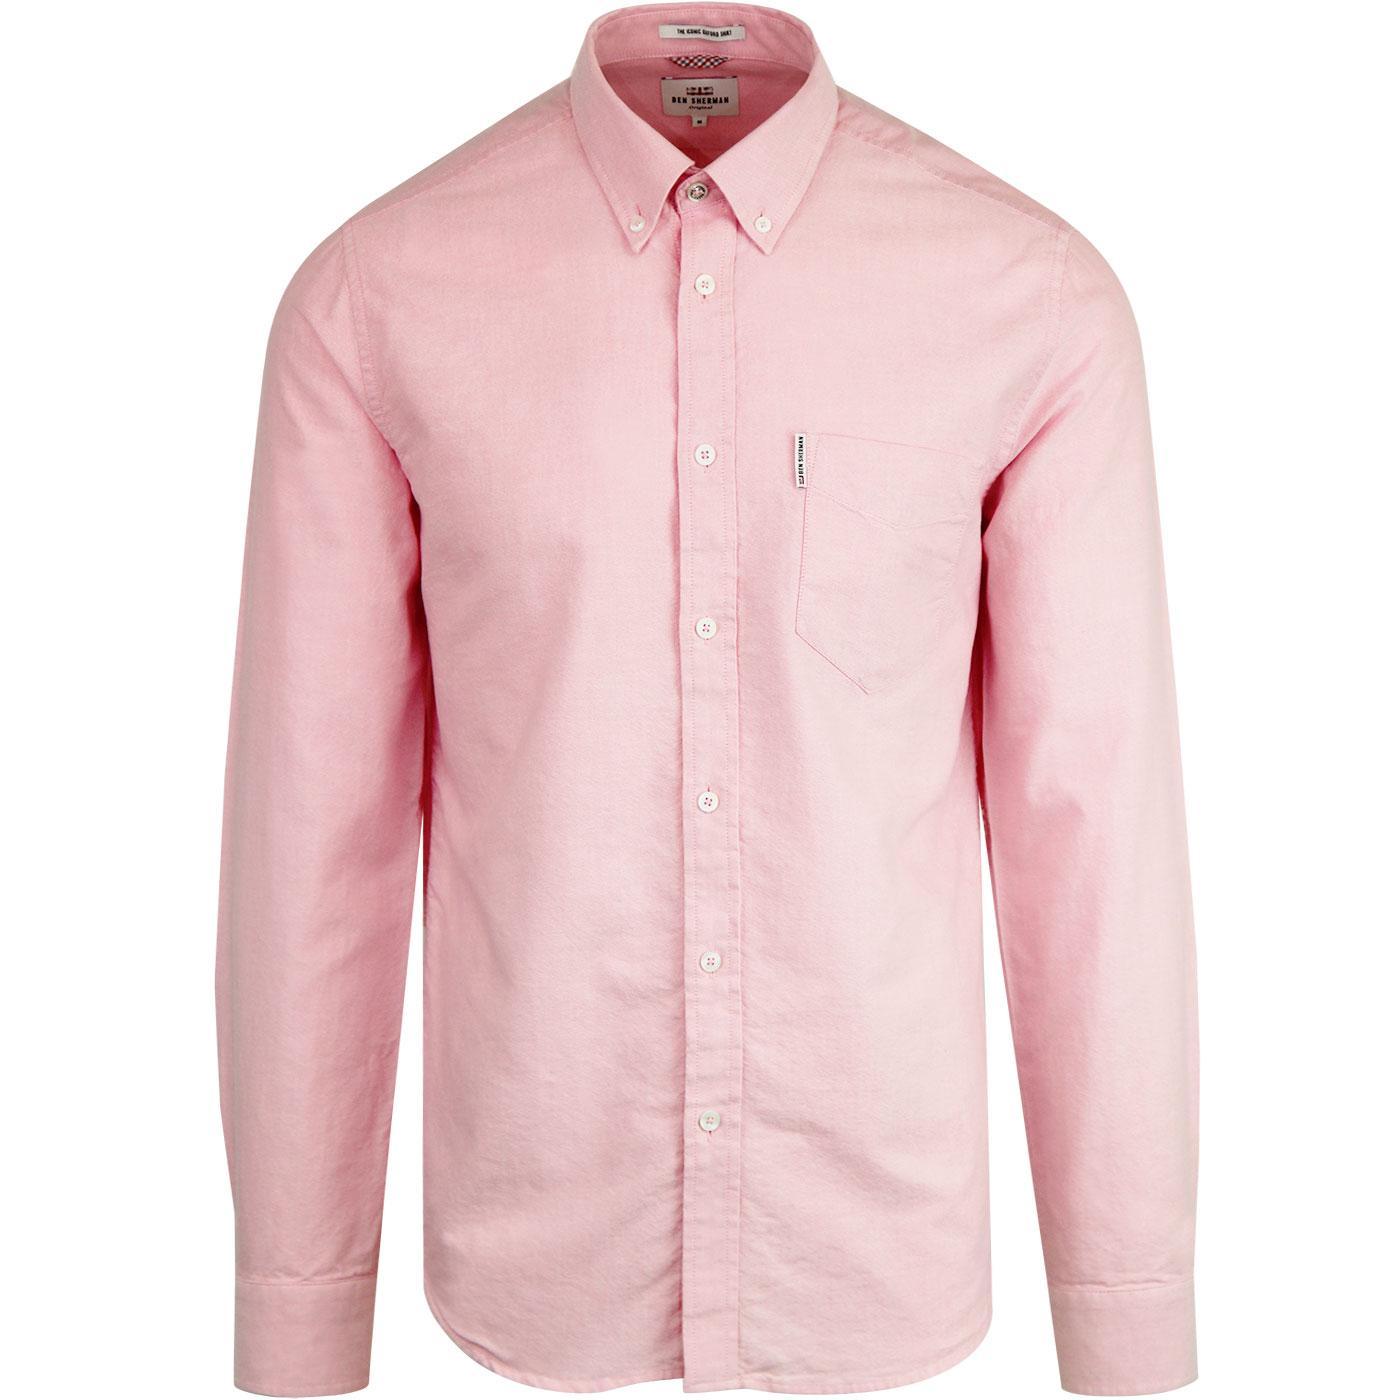 BEN SHERMAN Core Mod L/S Oxford Shirt (Light Pink)